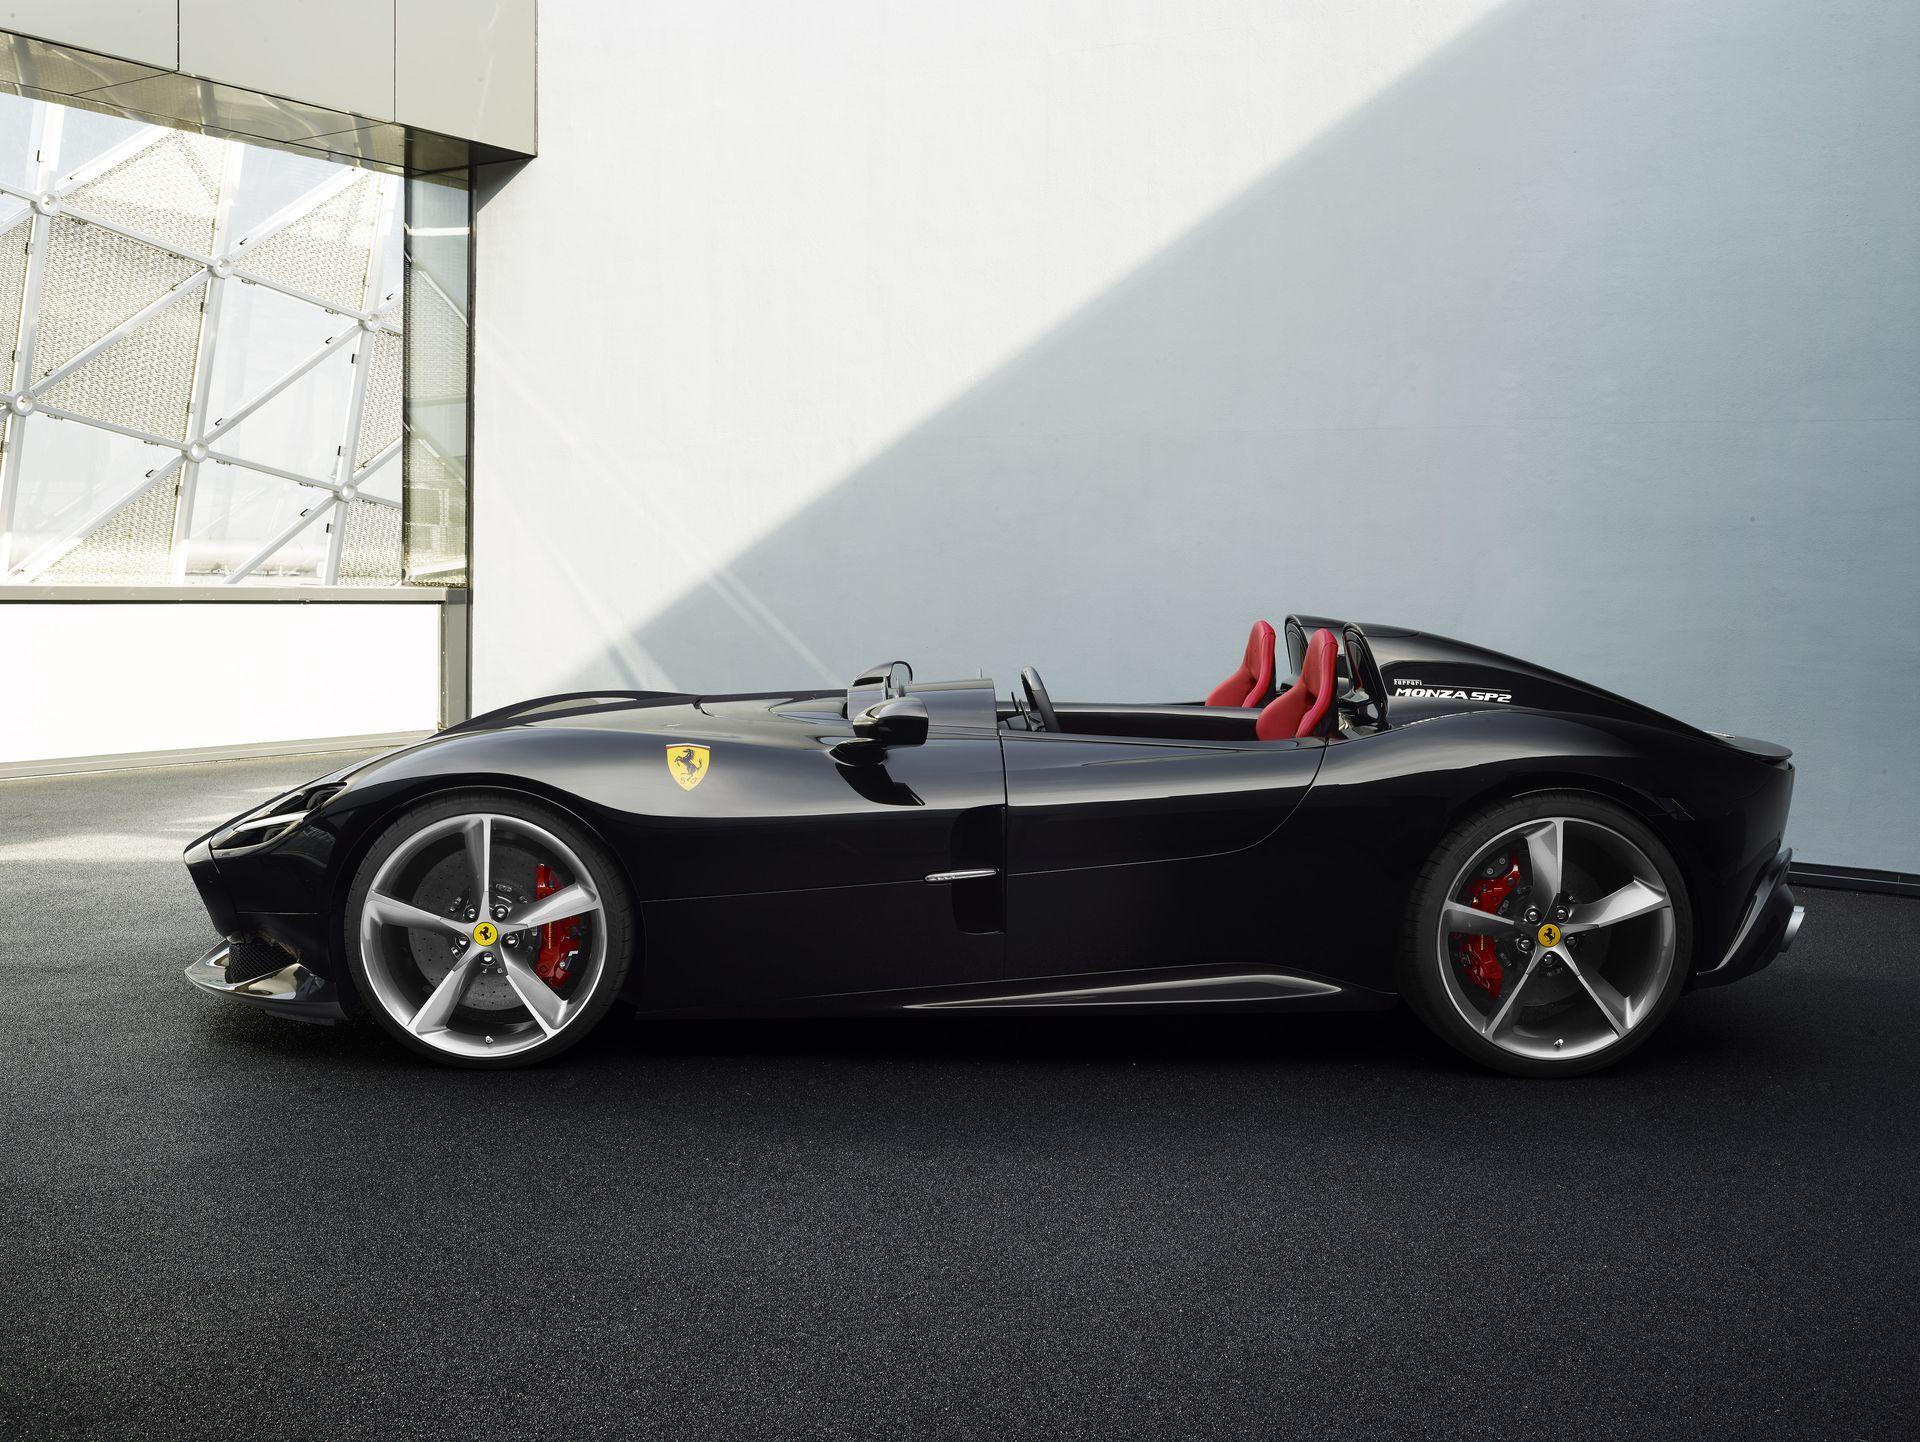 Ferrari Monza Sp1 Sp2 11